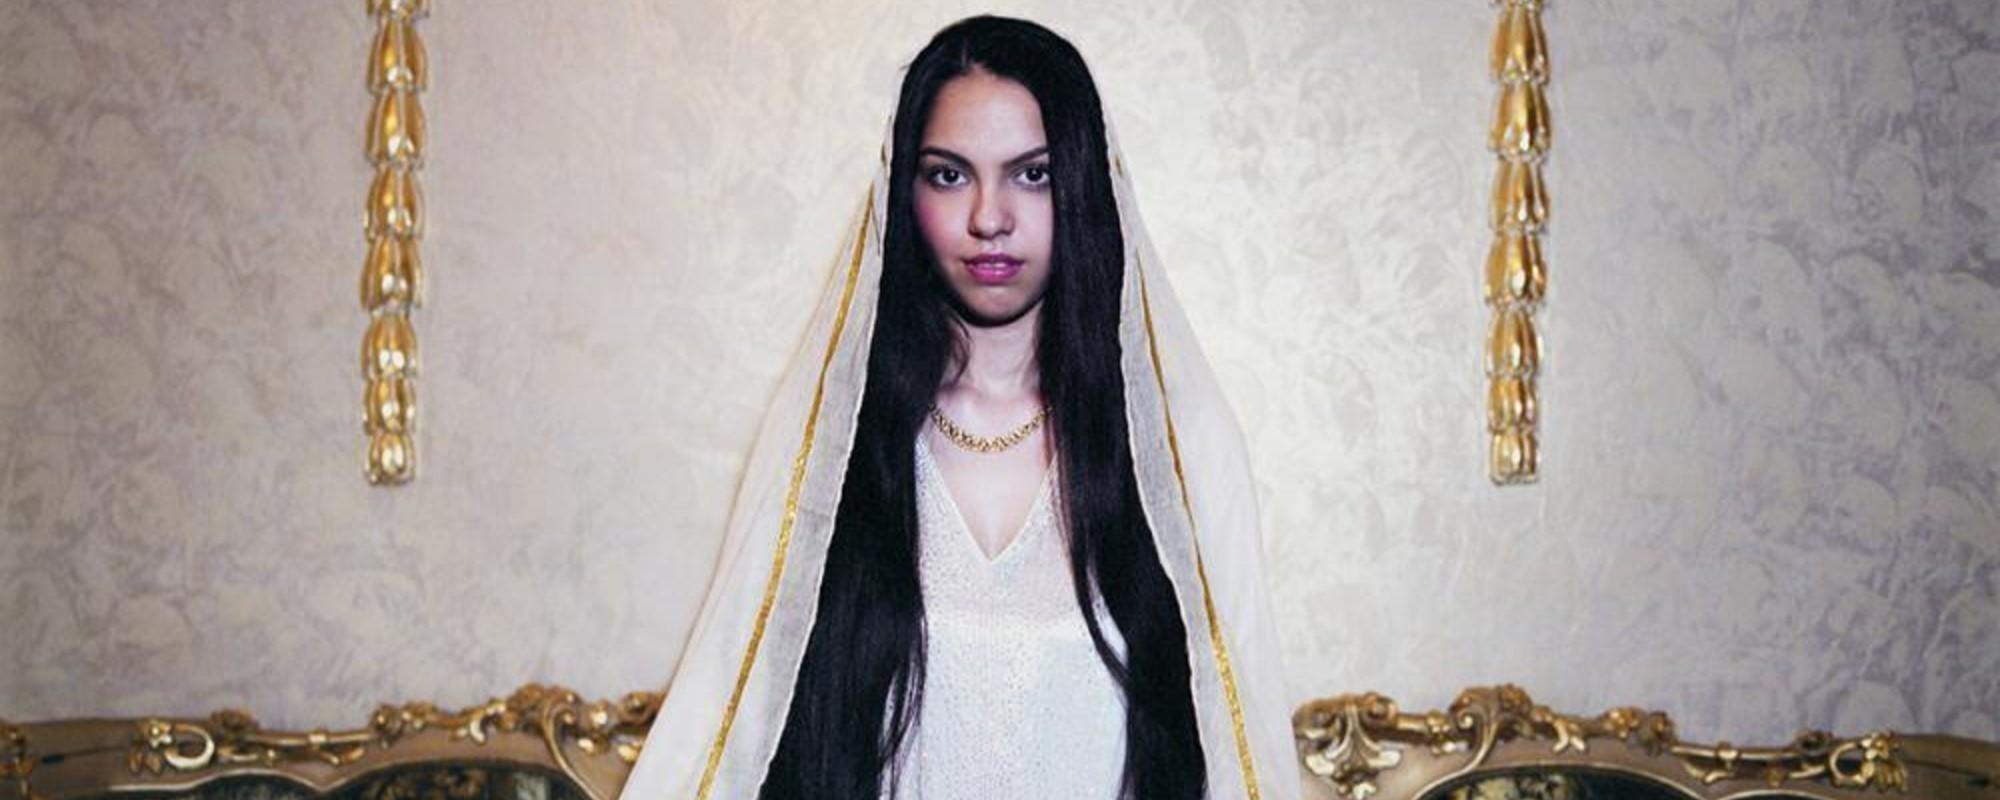 Por Dentro do Mundo Luxuoso das Bruxas mais Ricas da Romênia